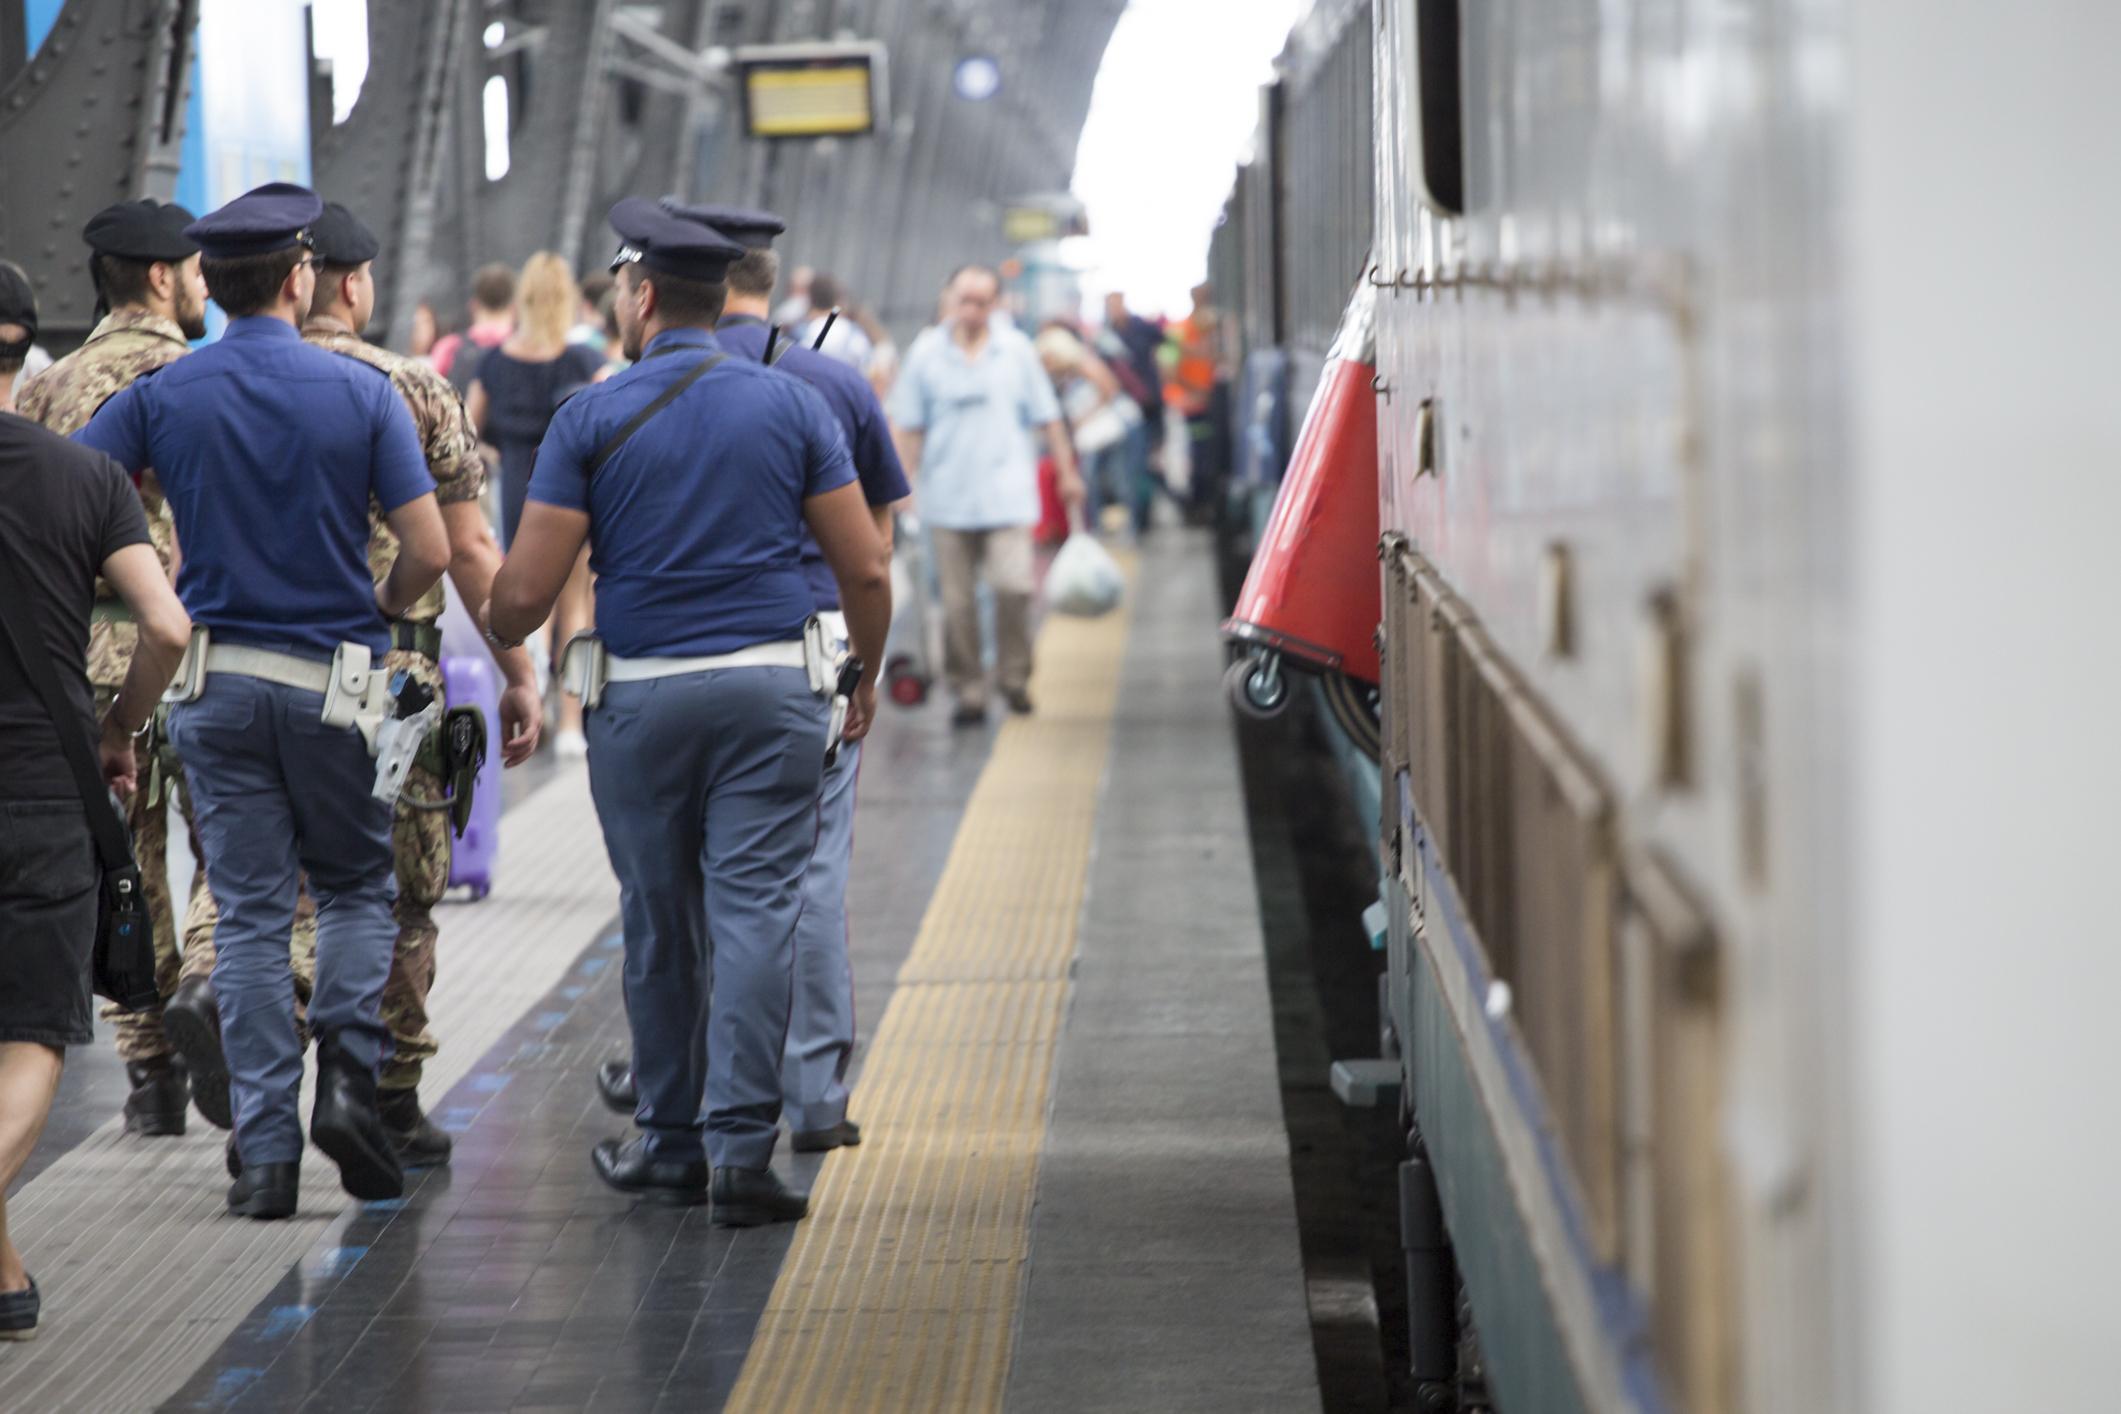 Narcotizzati e derubati sul treno Napoli-Roma: 4 arresti